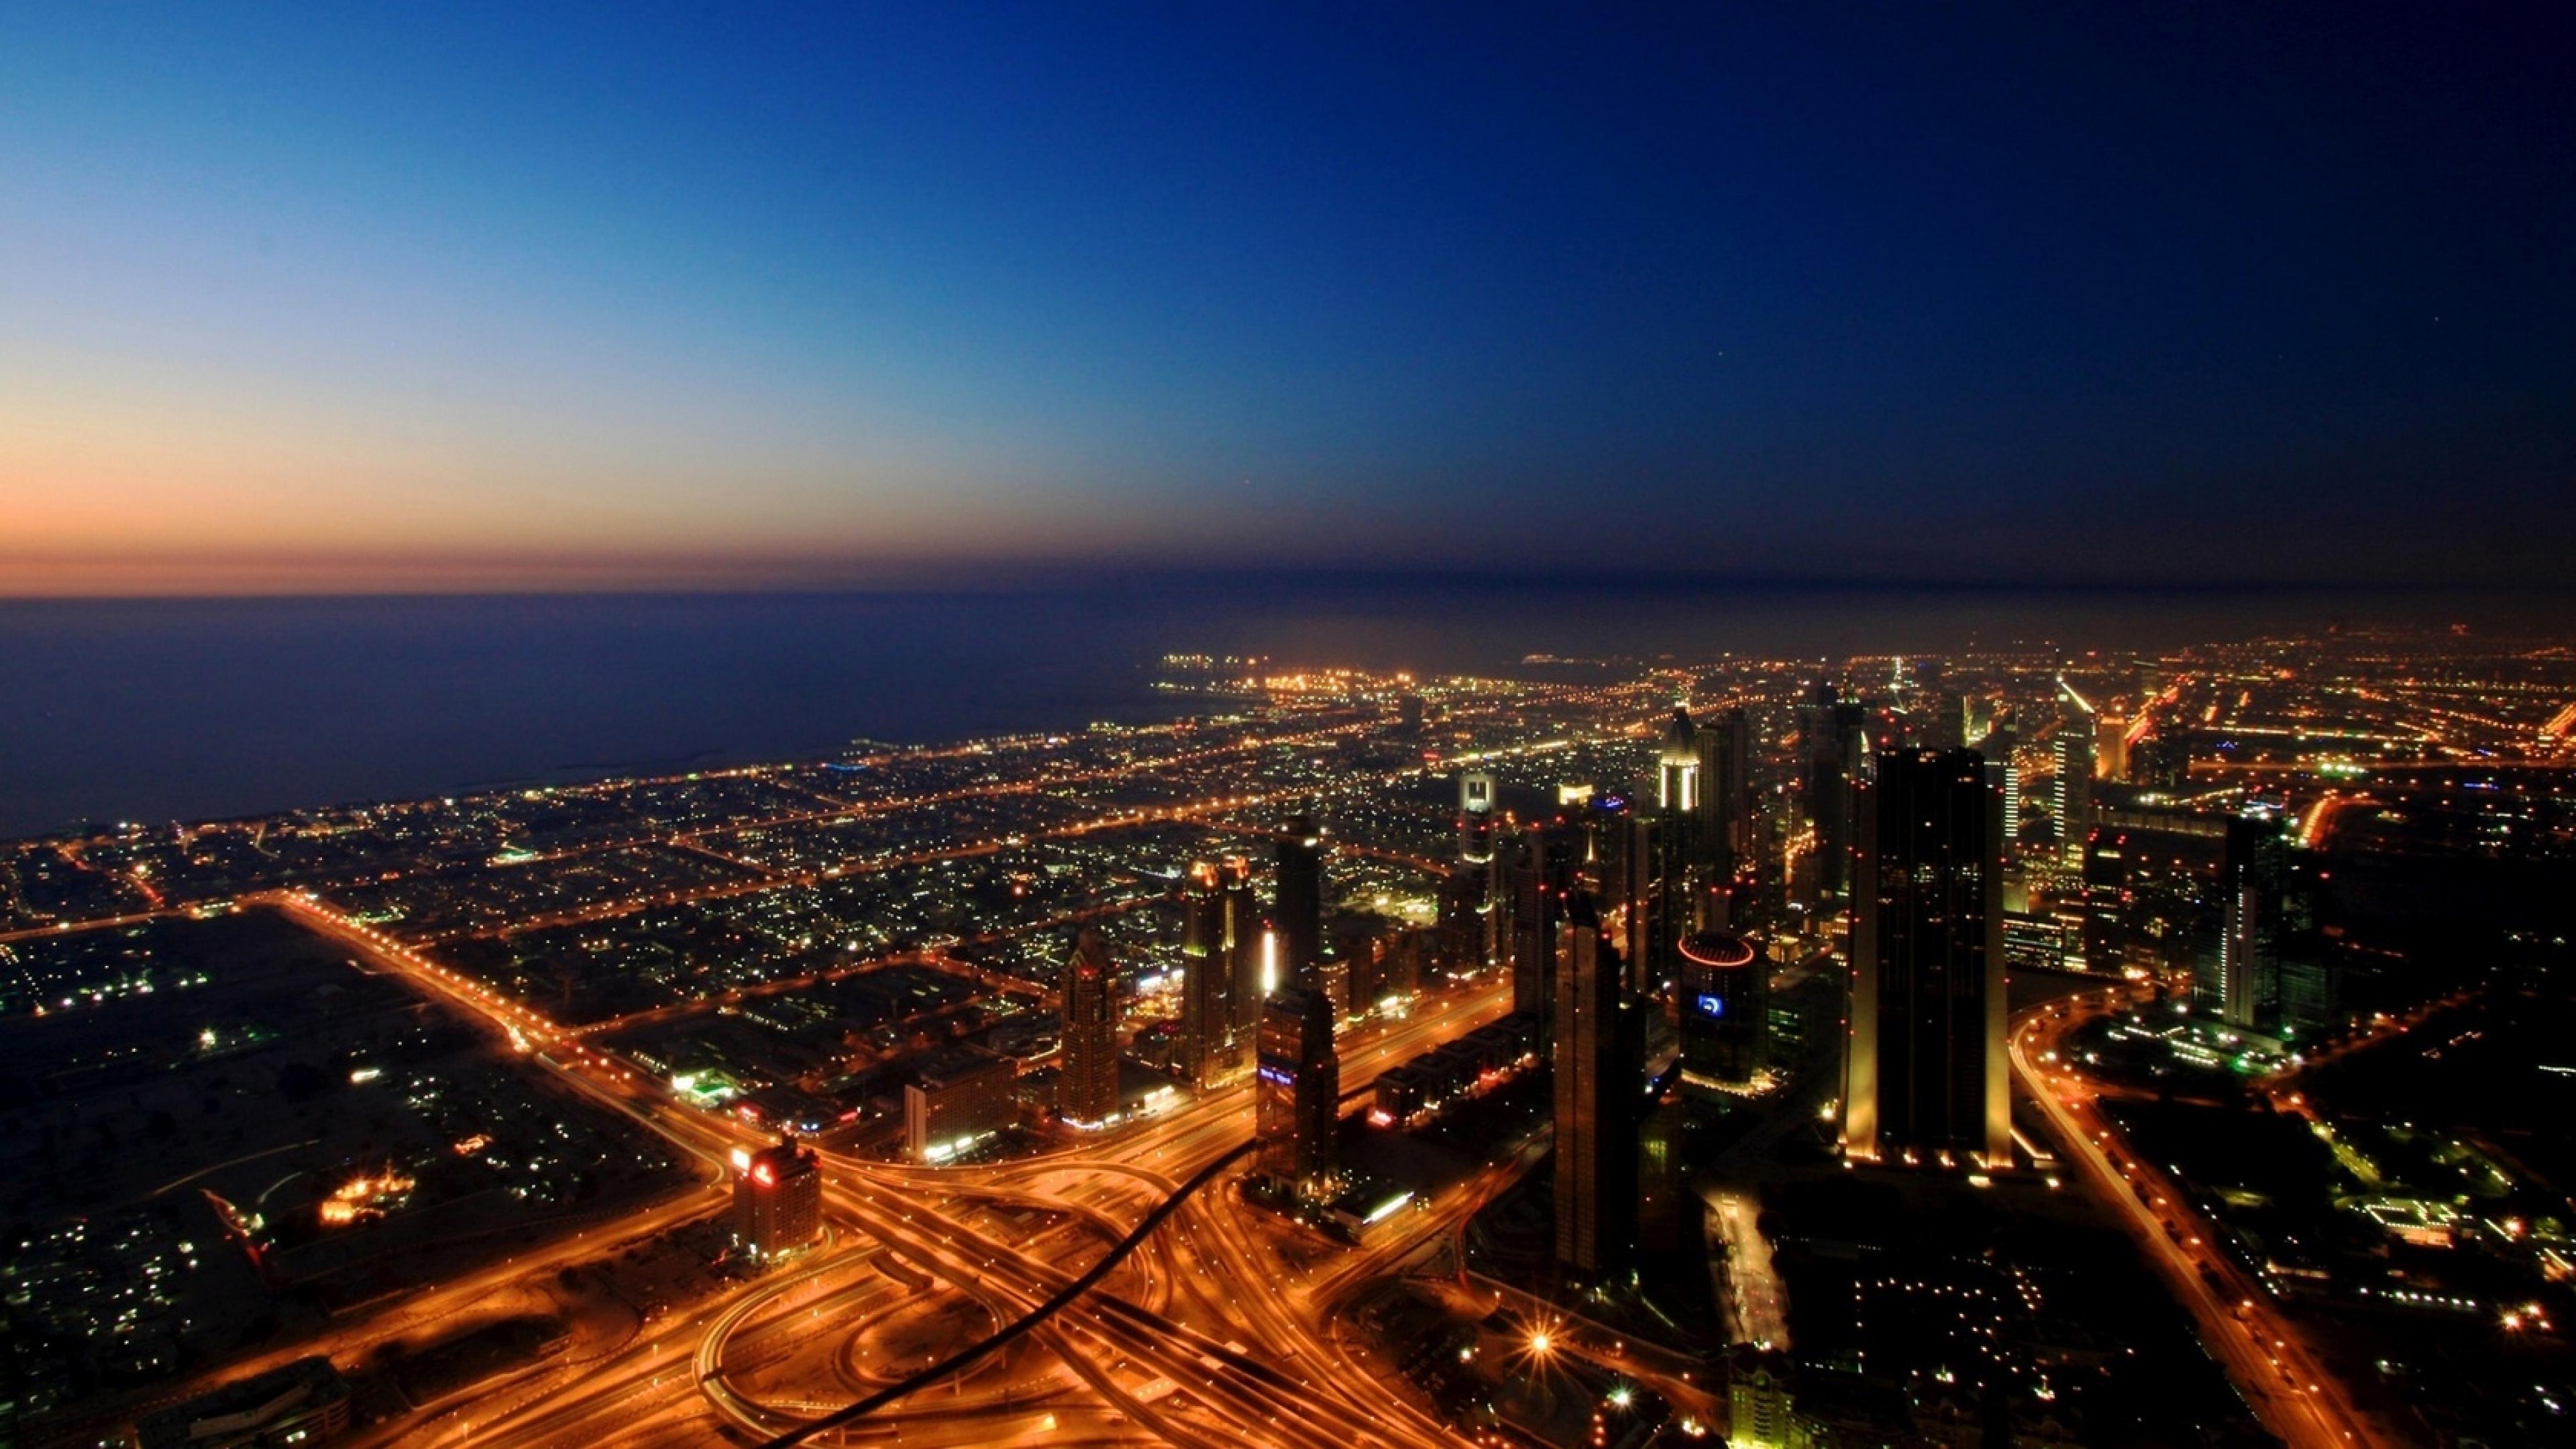 Dubai 4K Wallpaper - WallpaperSafari